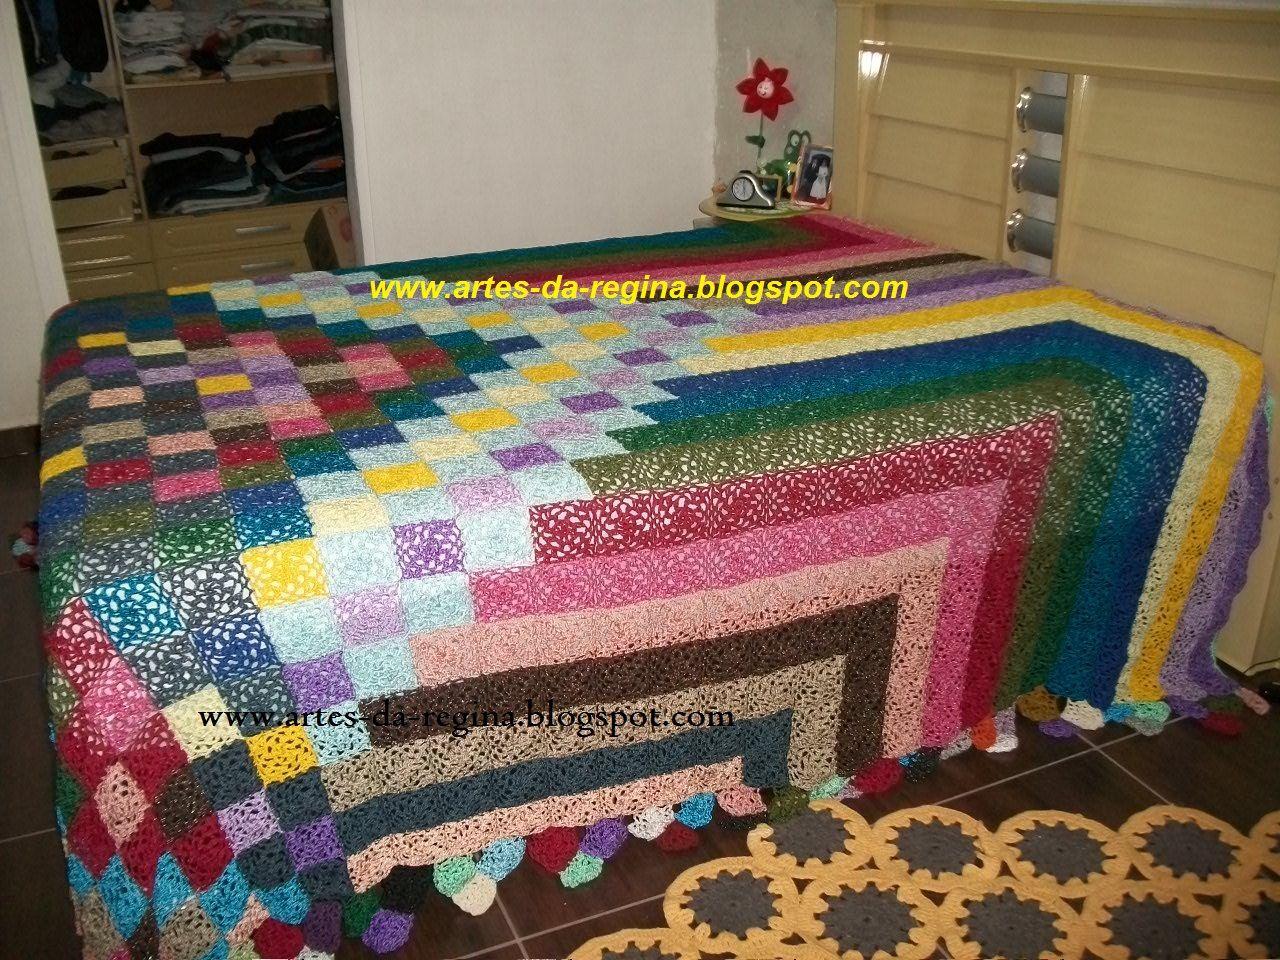 Pin mantas cubre camas una dos plazas tejidas crochet on - Colchas tejidas a crochet ...